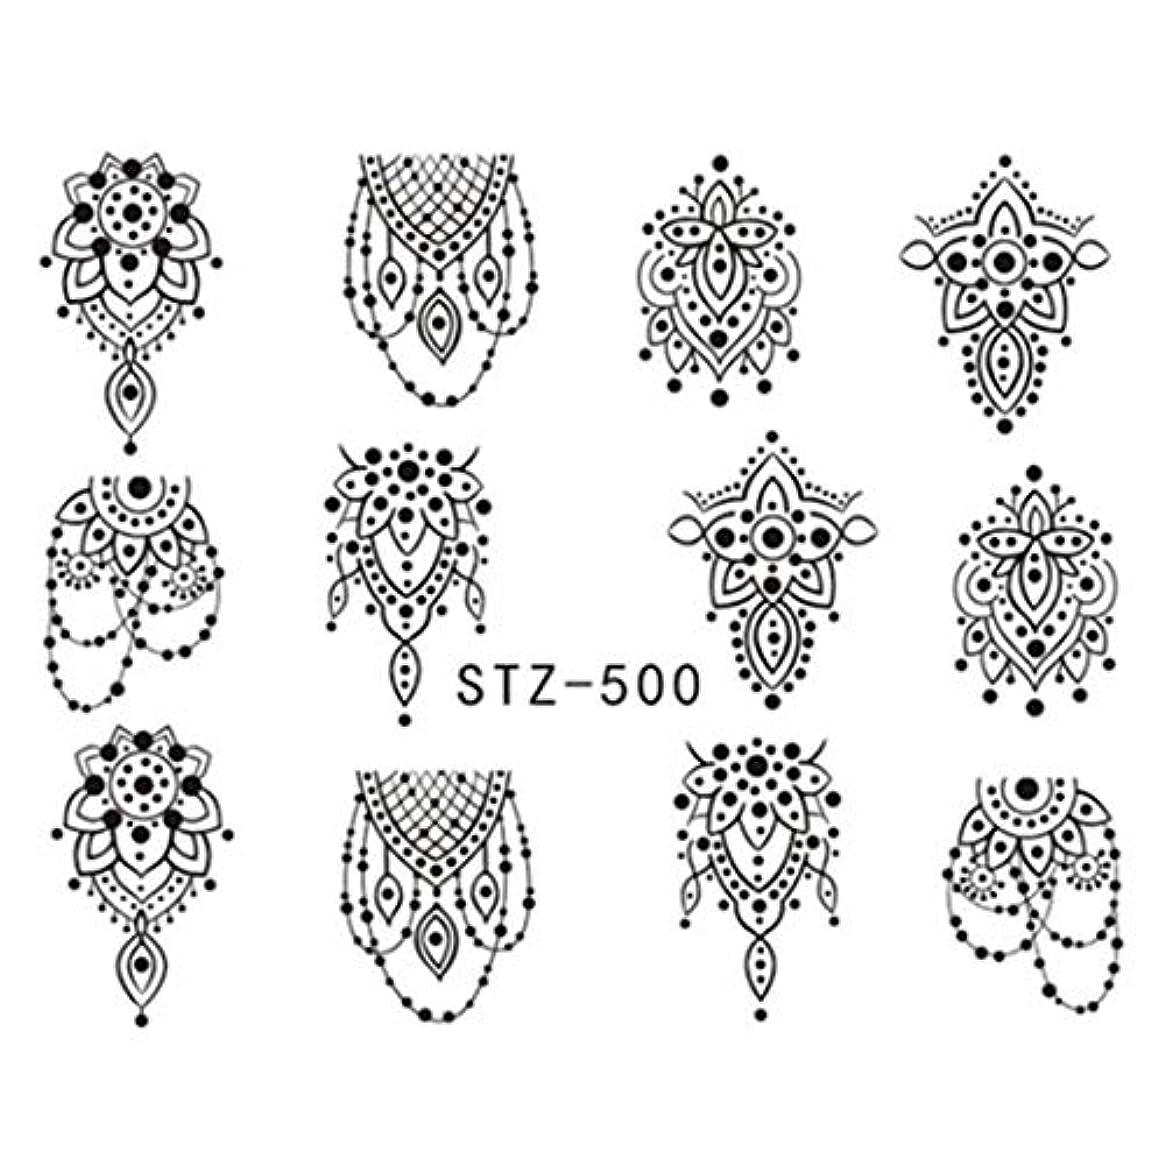 仮装警報座標Wadachikis フランスのフランスのアートネックレスの装飾パターンアップリケ(None STZ500)